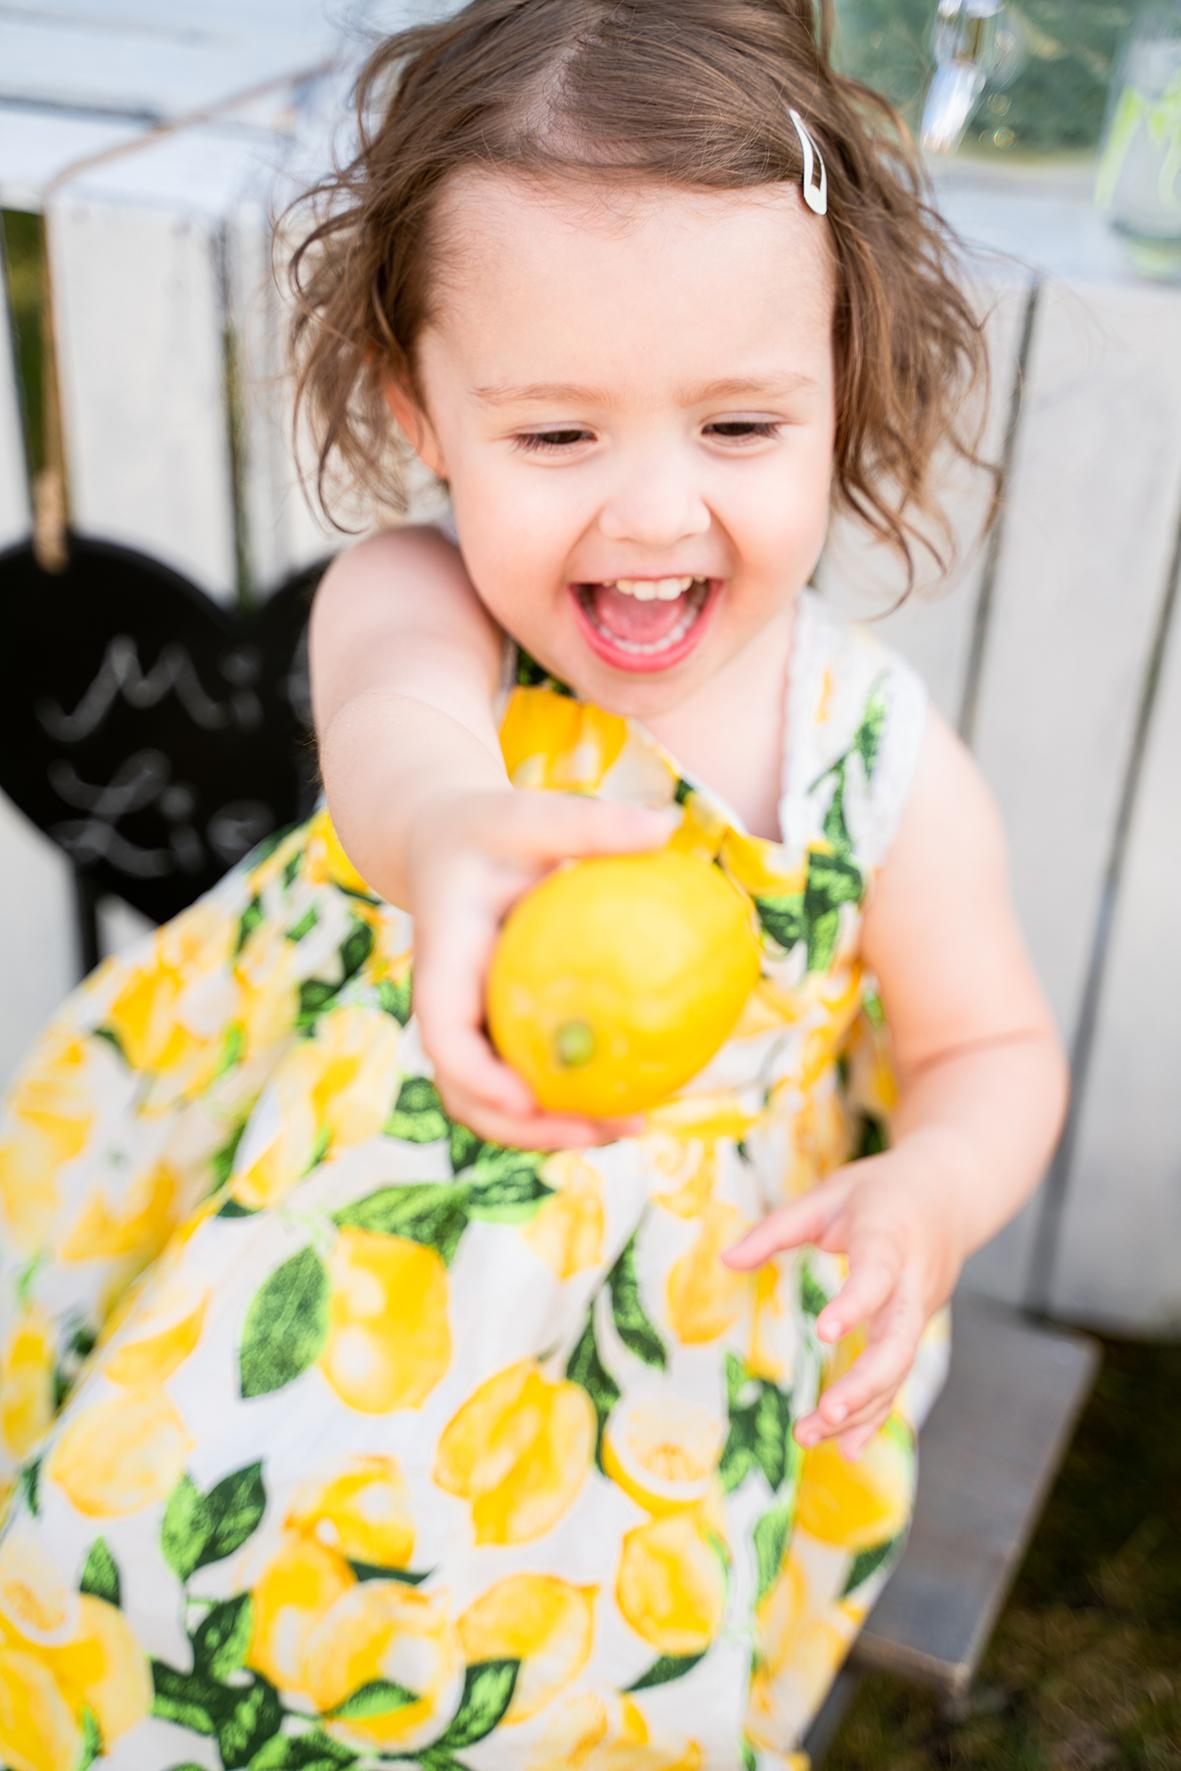 Freude auf die Zitrone beim Kinderfotoshooting mit Familienfotos